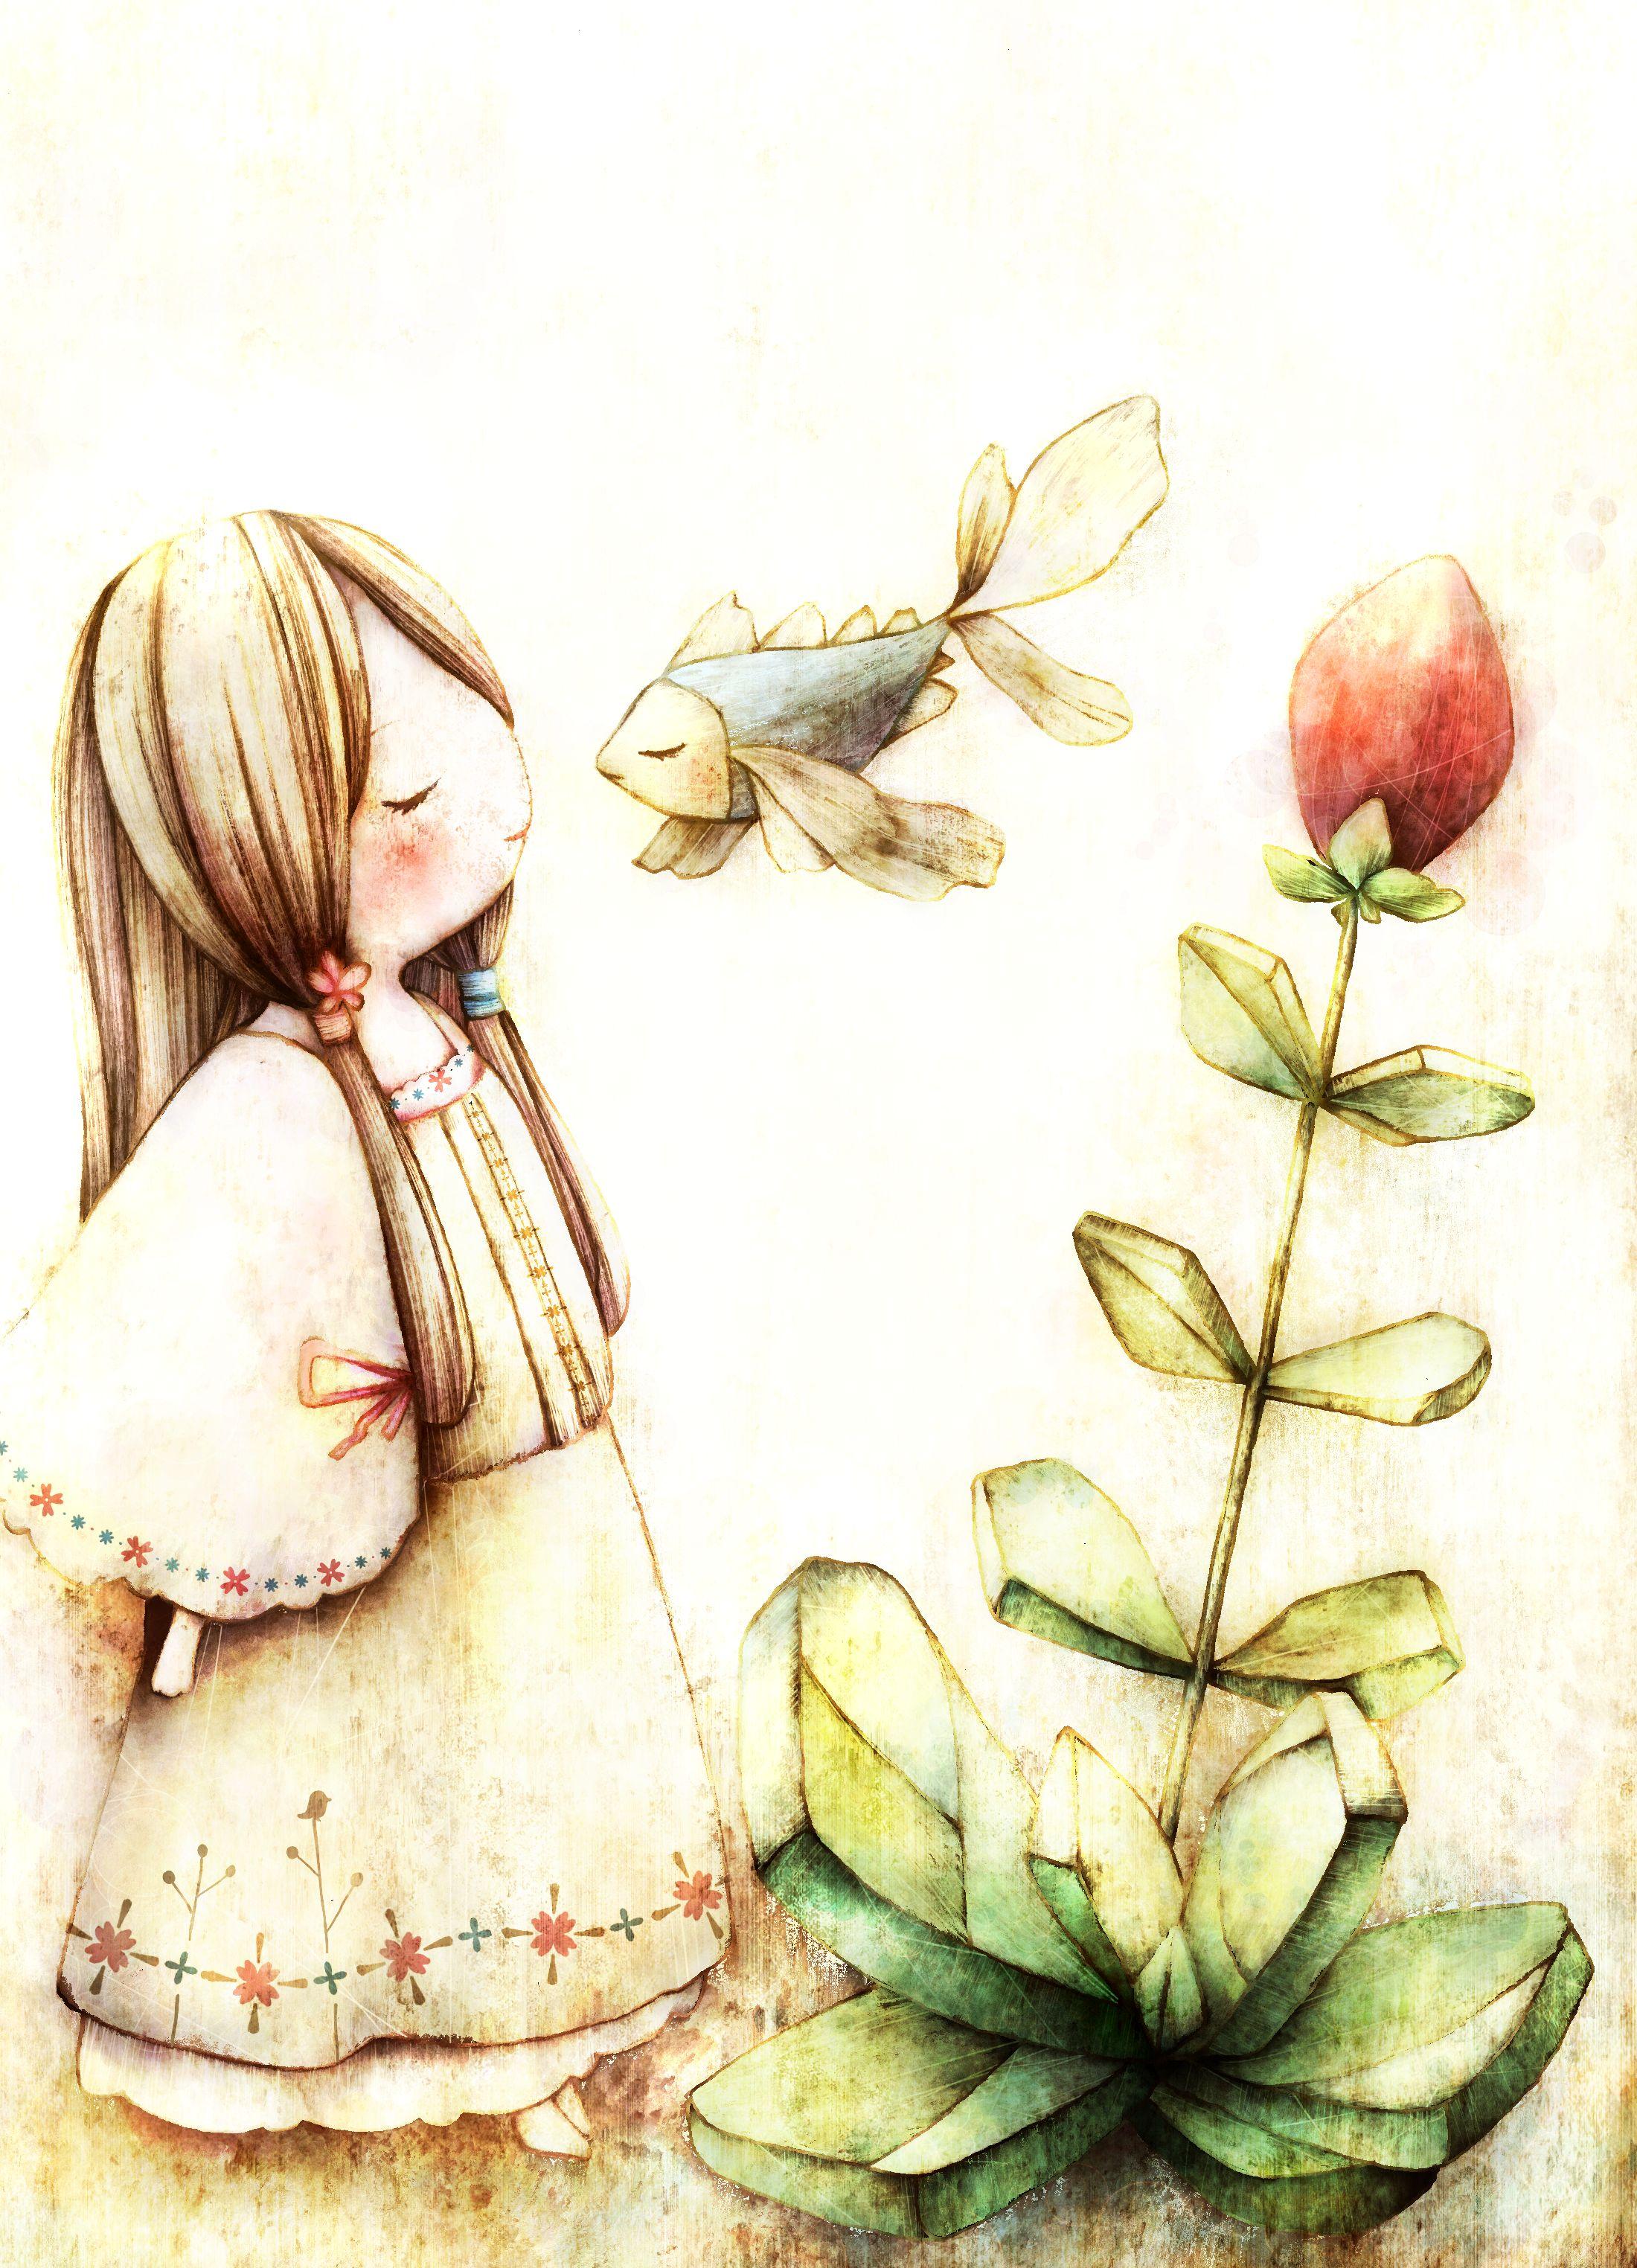 http://nekobooks.com/main/painter/2012/07/16/dm_yuki.jpg